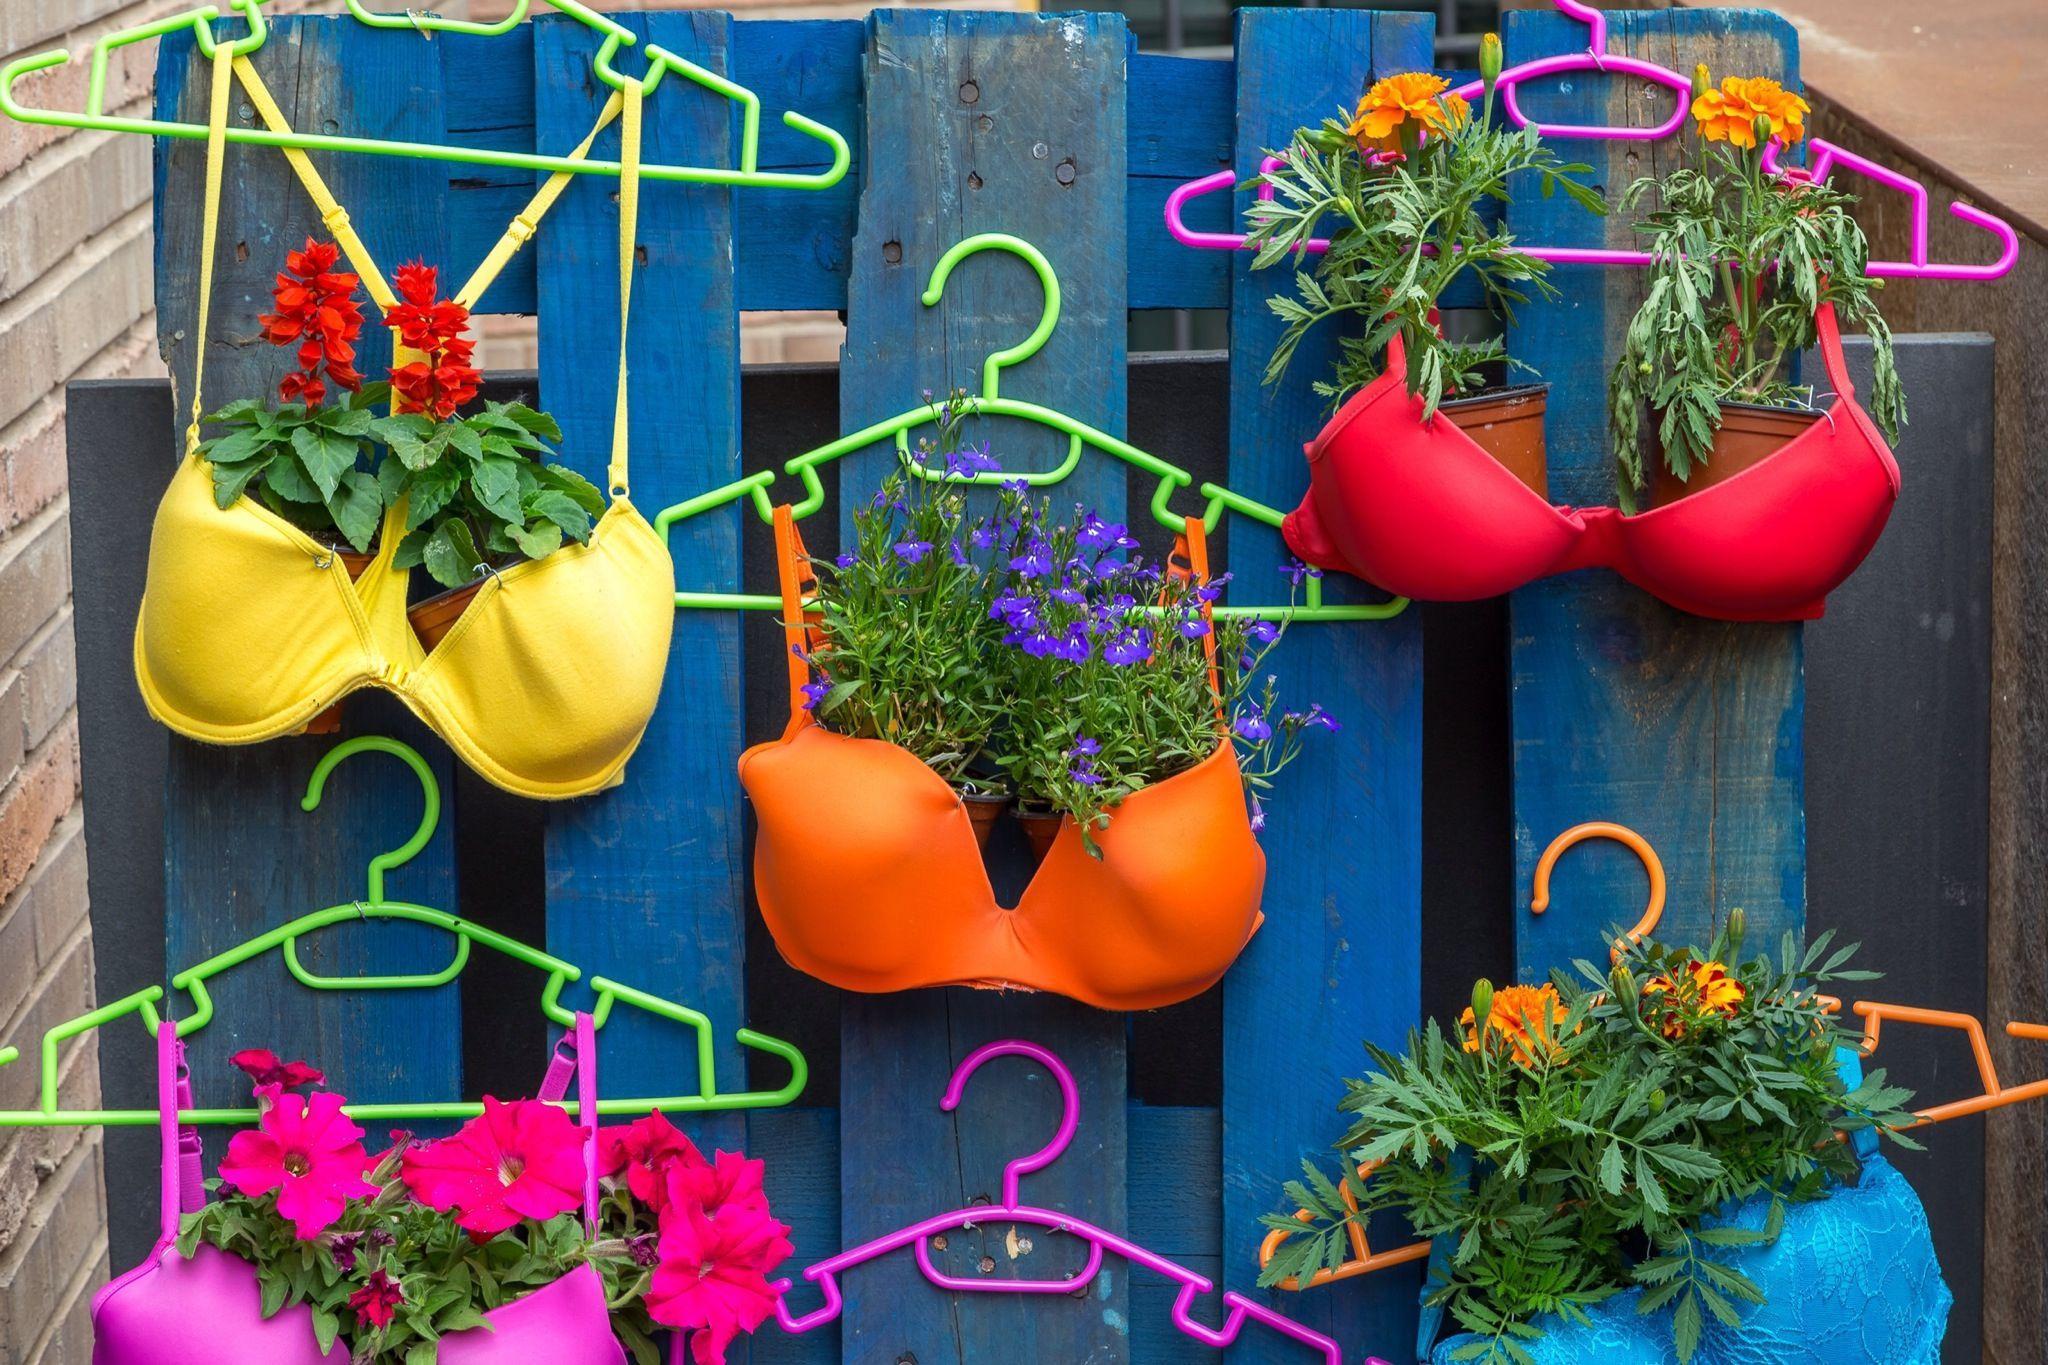 Jardines creativos 12 objetos reciclados convertidos en for Decoracion de casas con objetos reciclados